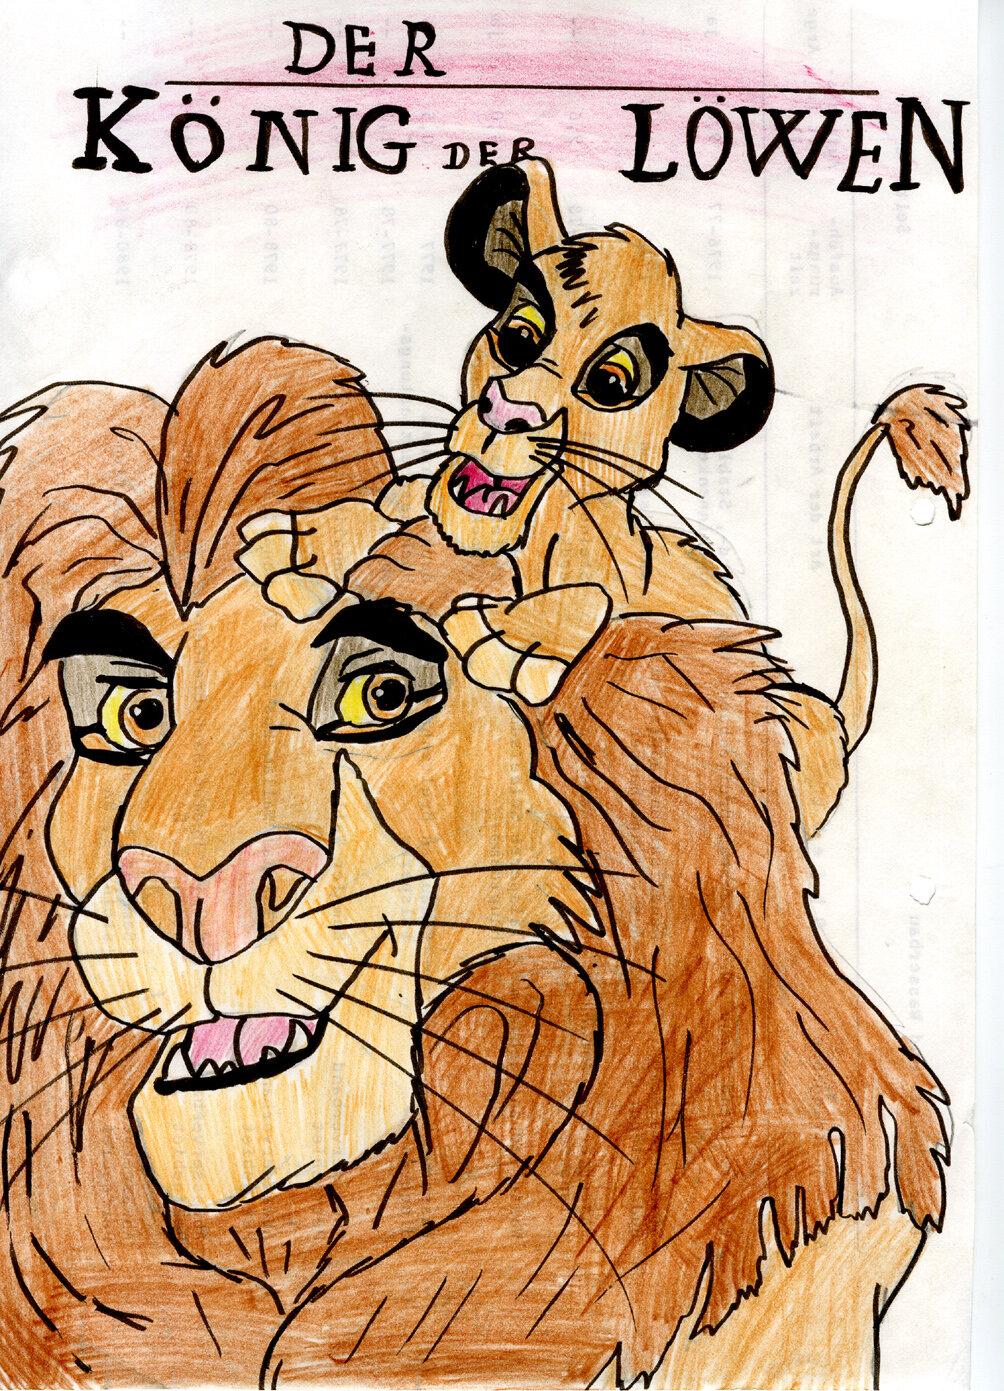 Disney: Der König der Löwen, Mufasa und Simba (11/1994?)